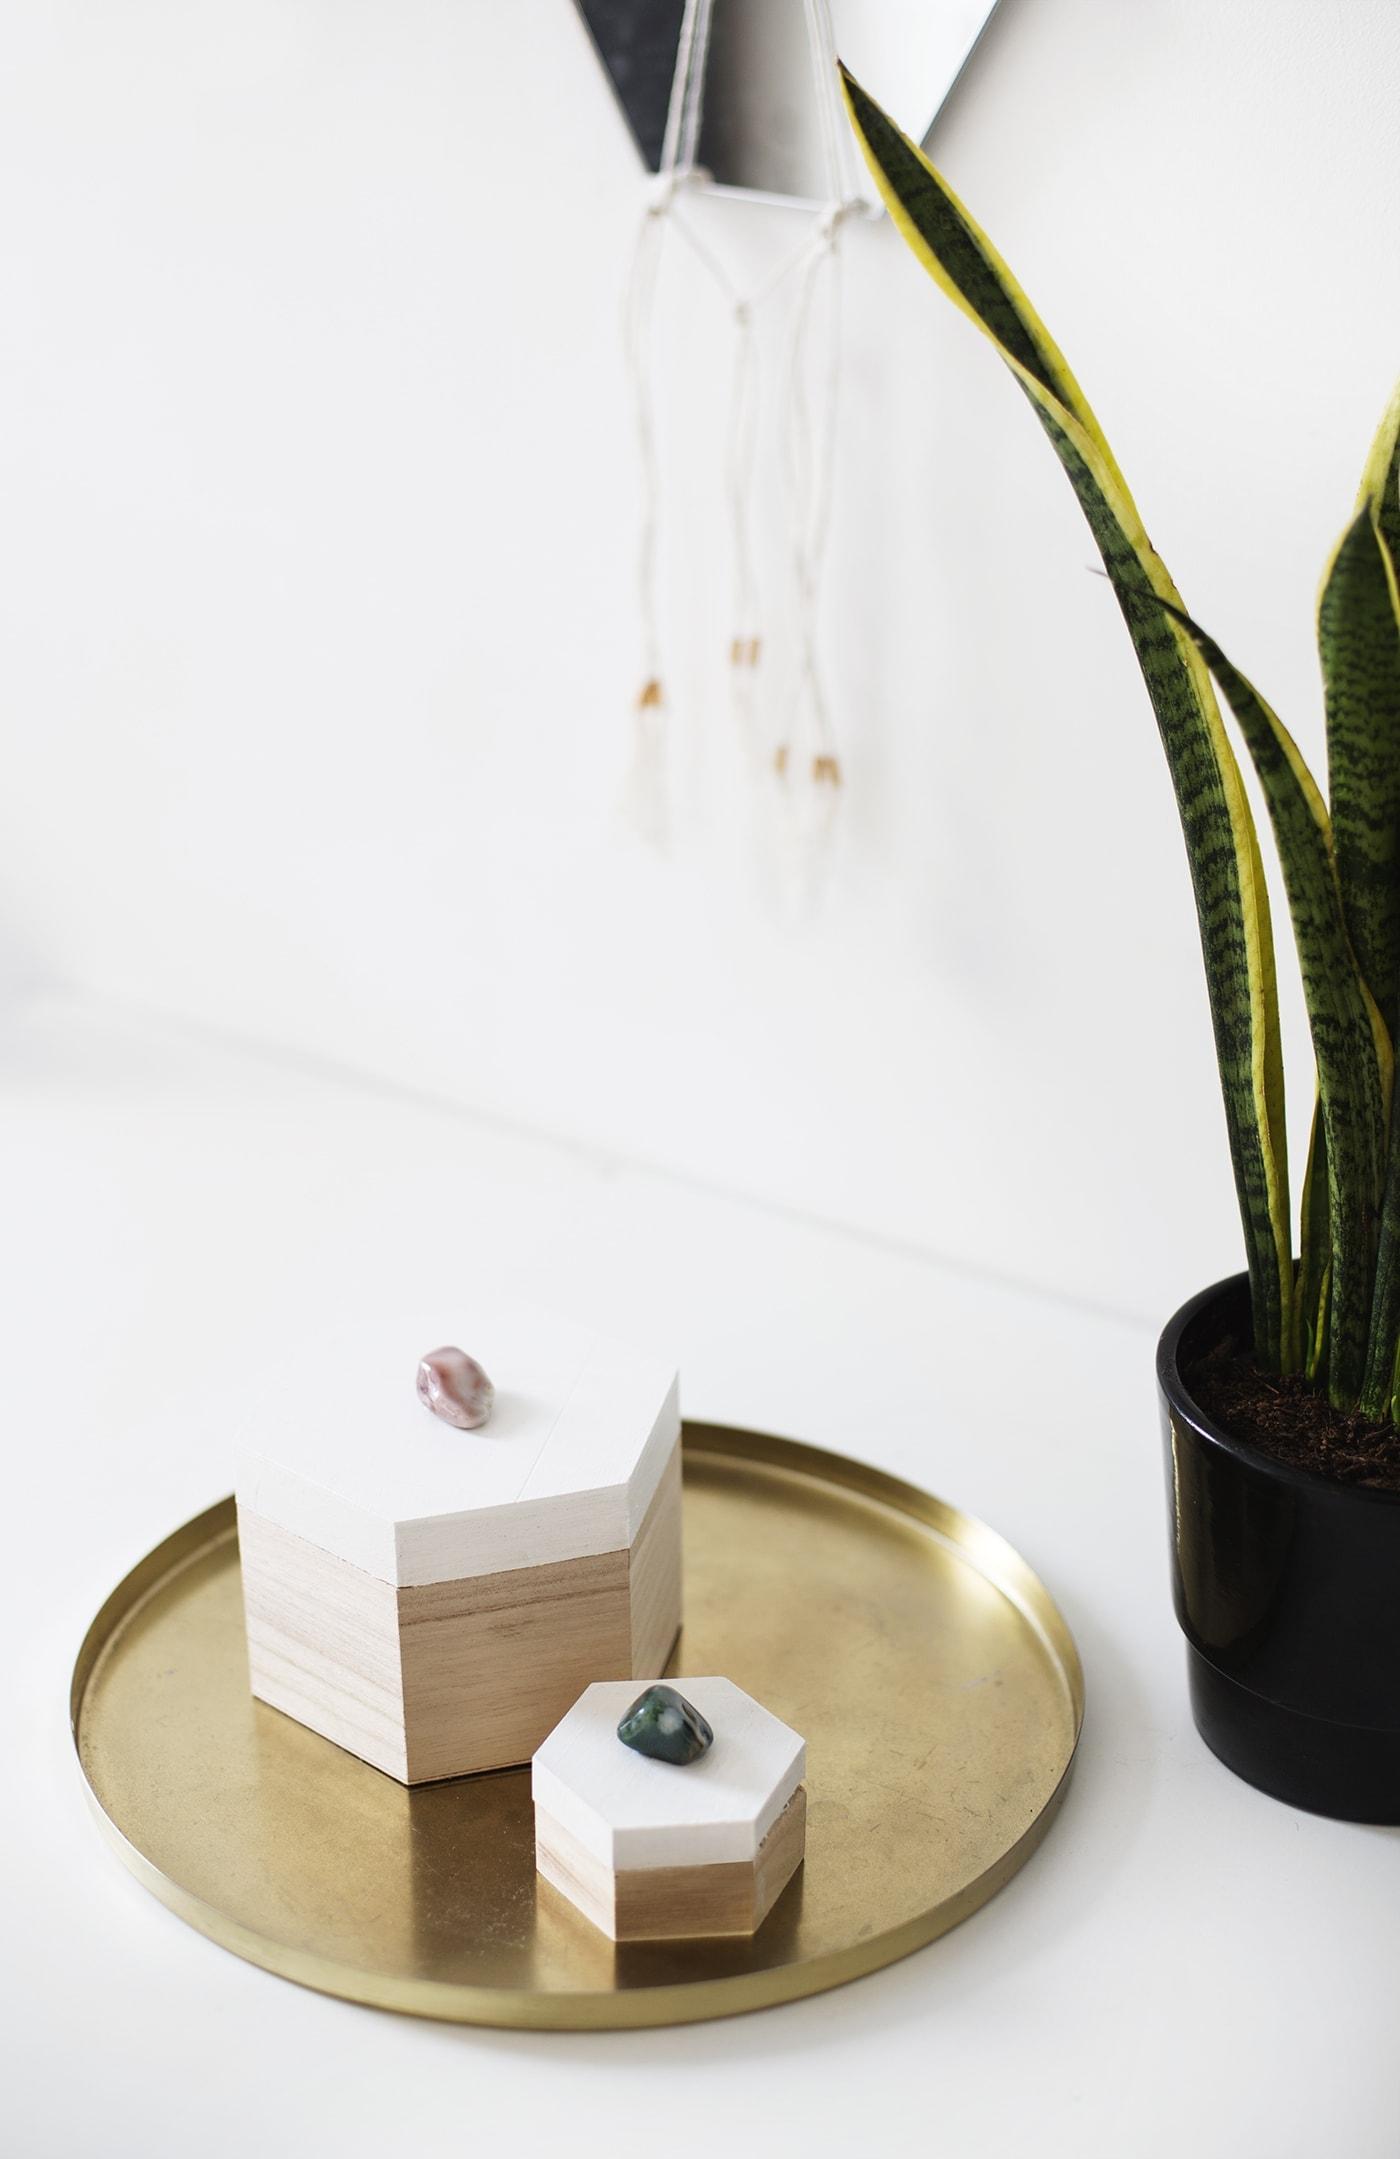 diy-gem-pull-box-pretty-storage-home-crafts